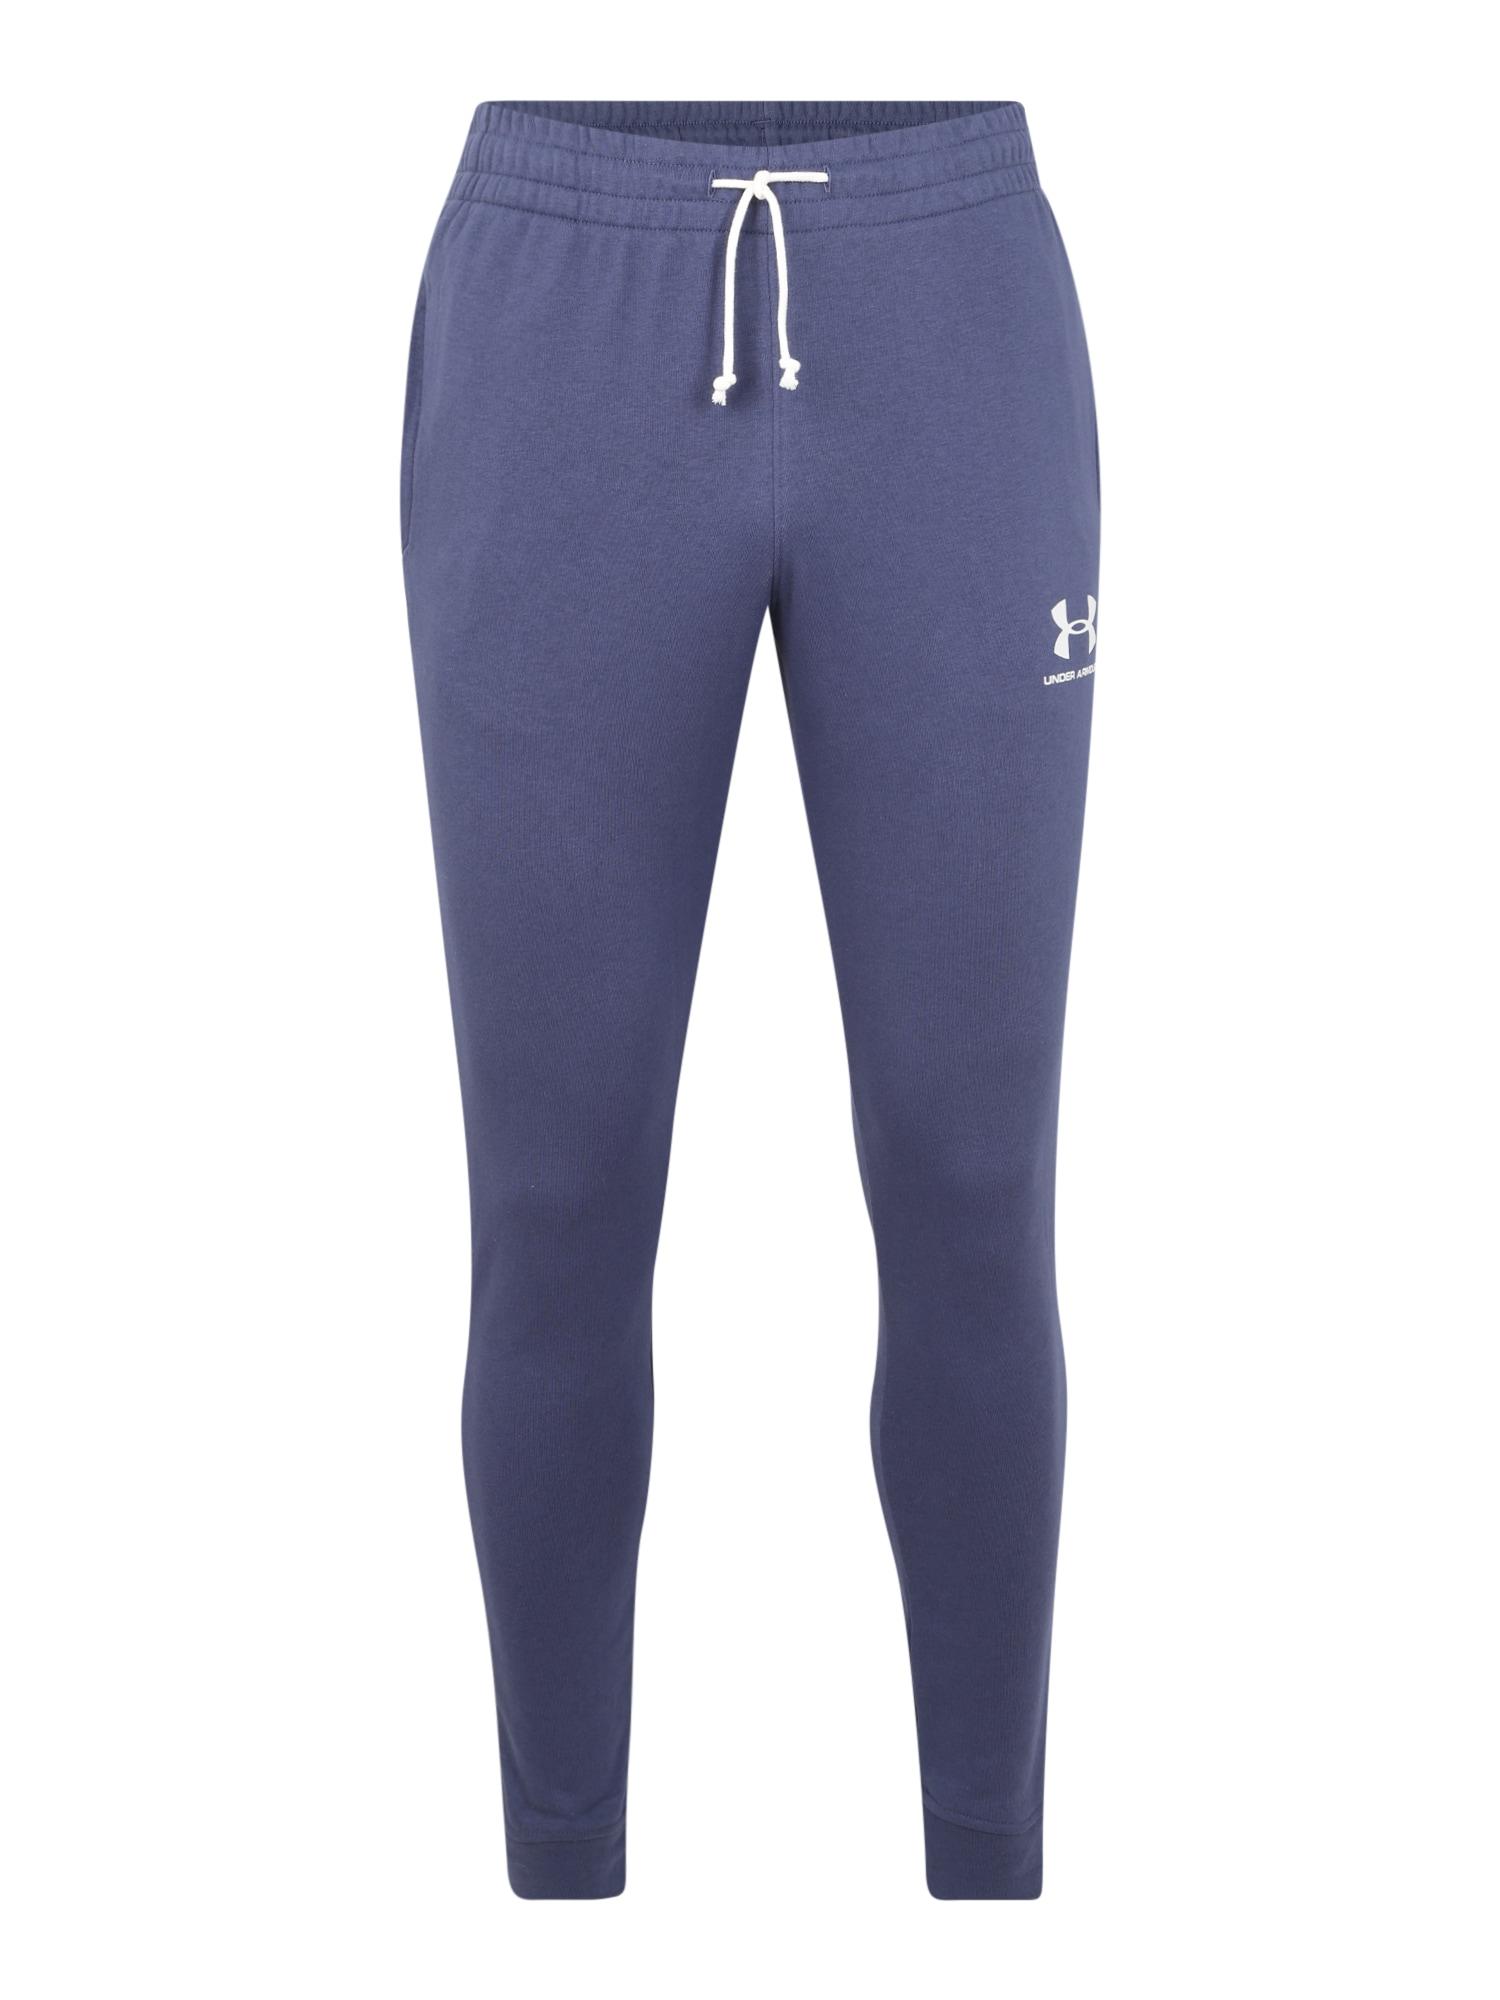 UNDER ARMOUR Sportovní kalhoty 'SPORTSTYLE TERRY JOGGER'  bílá / modrá